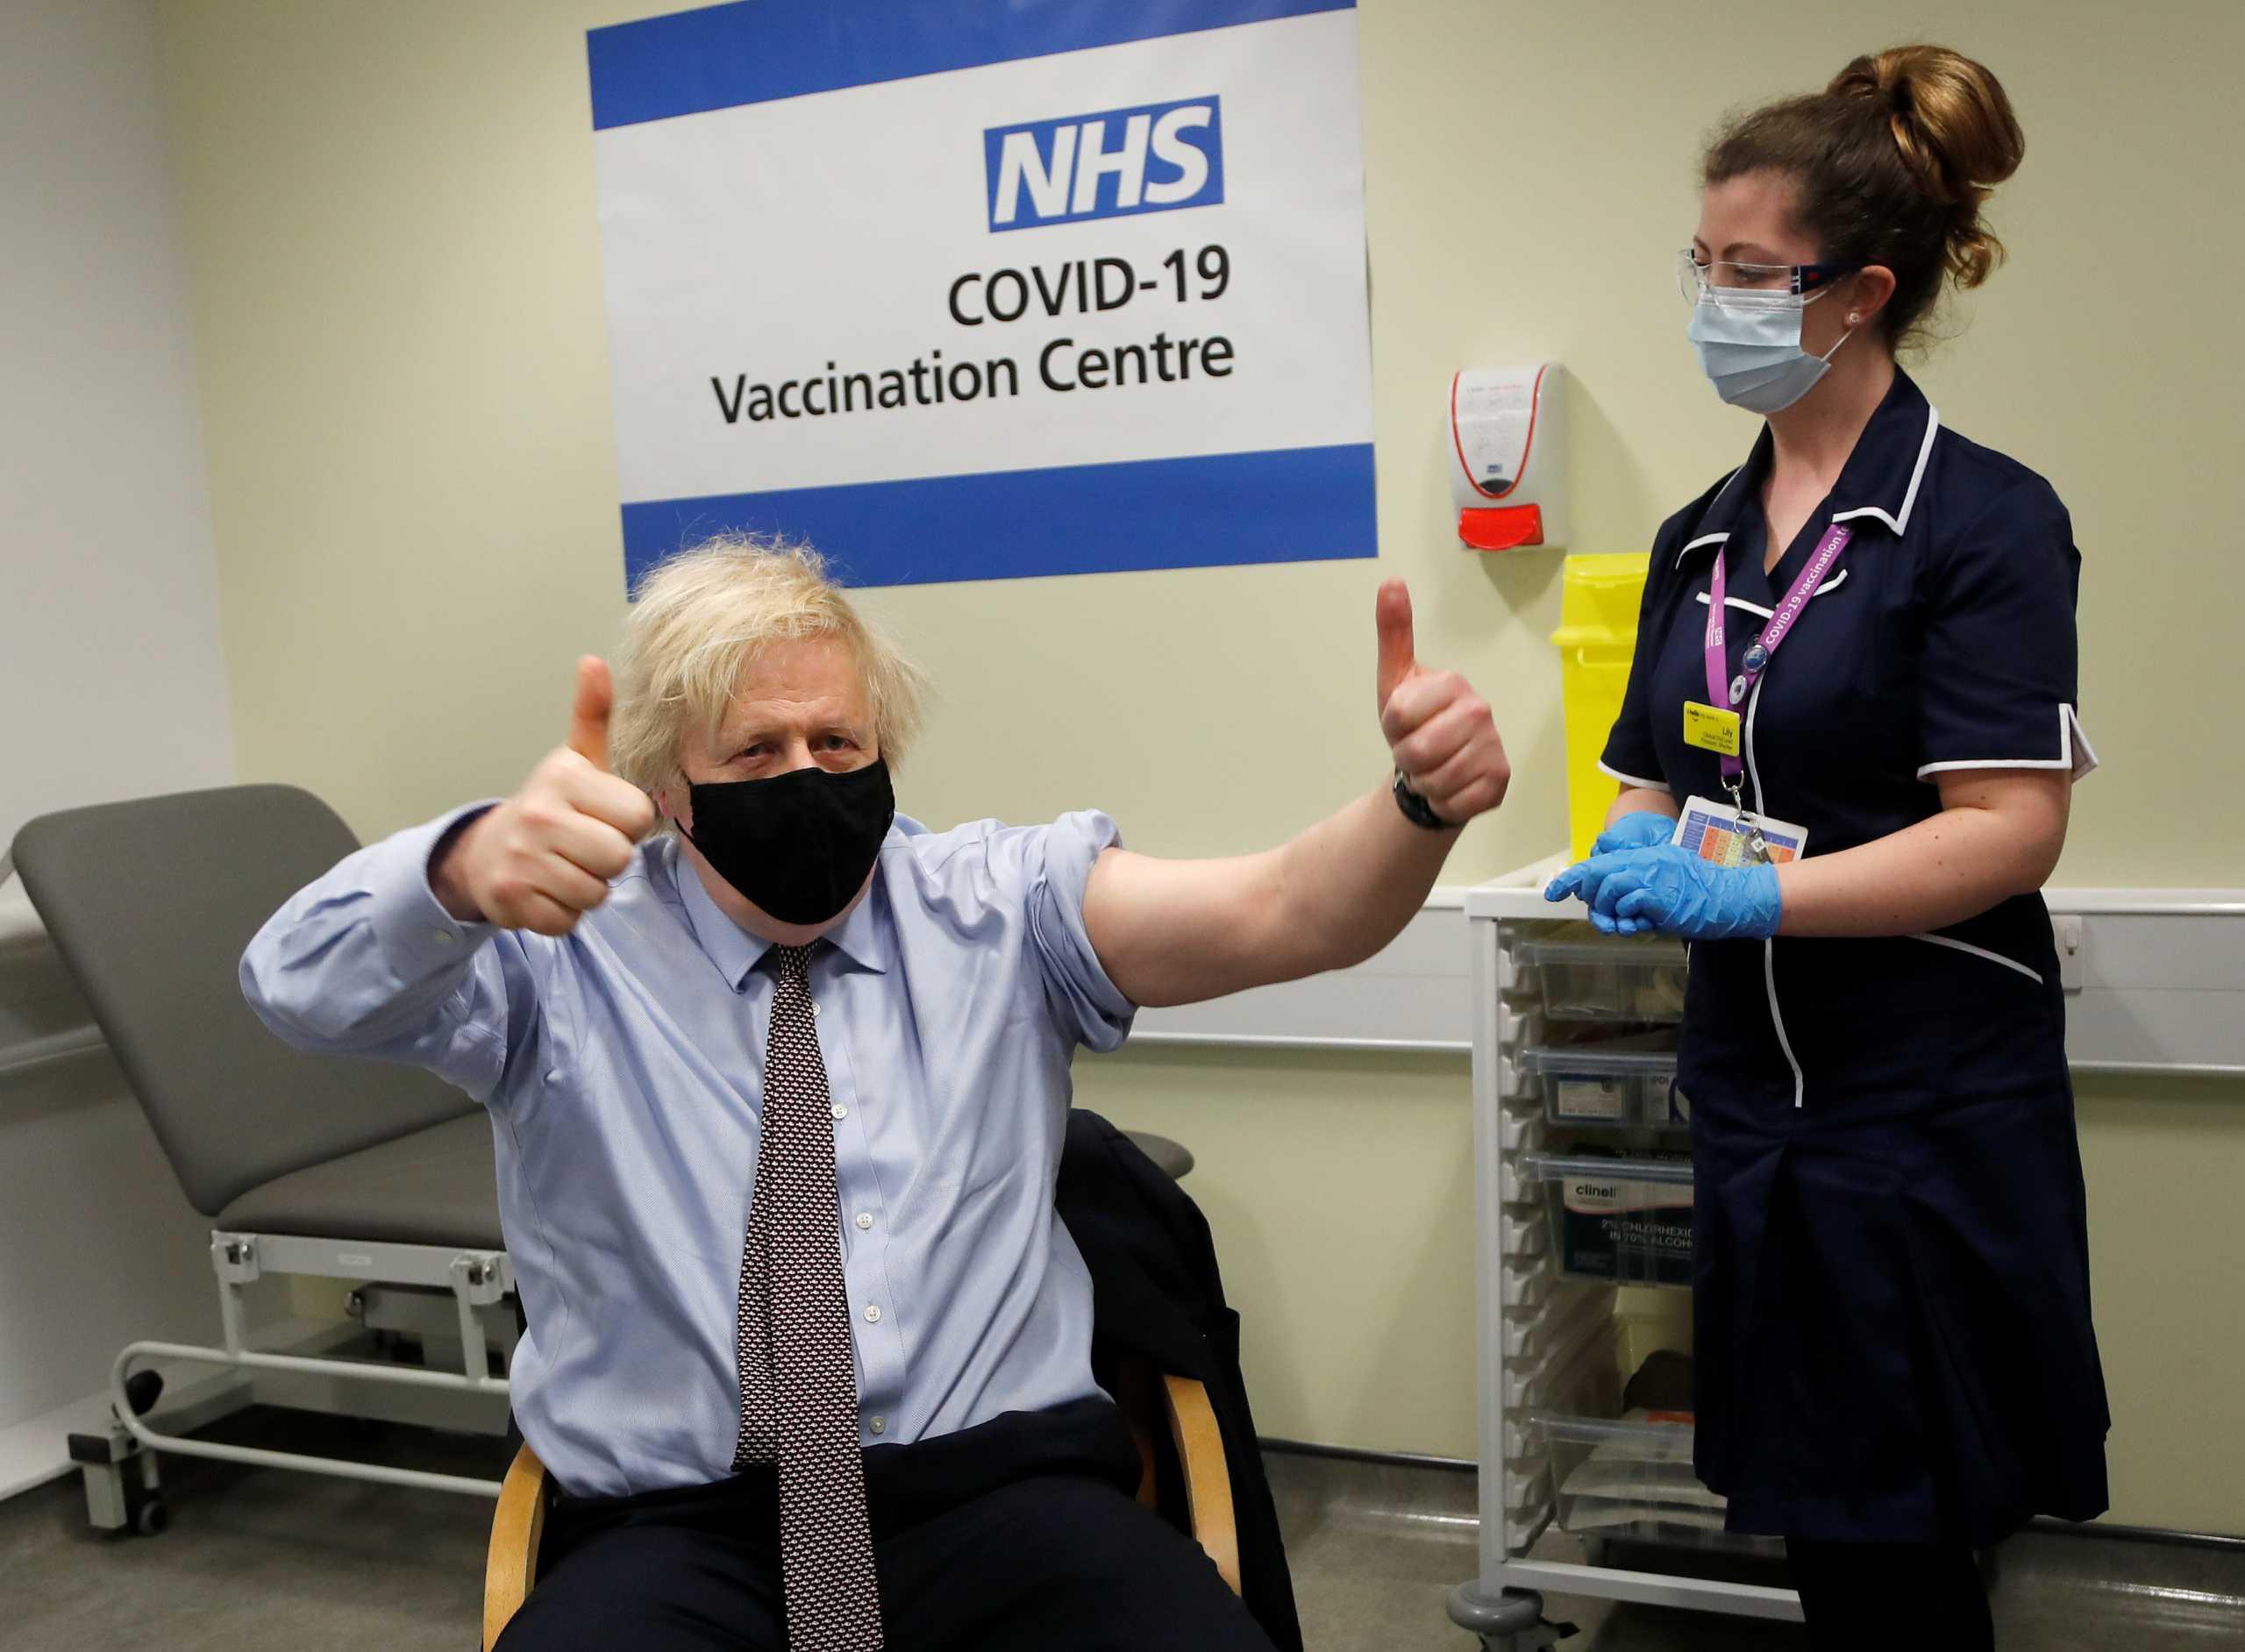 Εμβολιάστηκε με AstraZeneca ο Μπόρις Τζόνσον: «Πηγαίνετε και κάντε το» (pics)